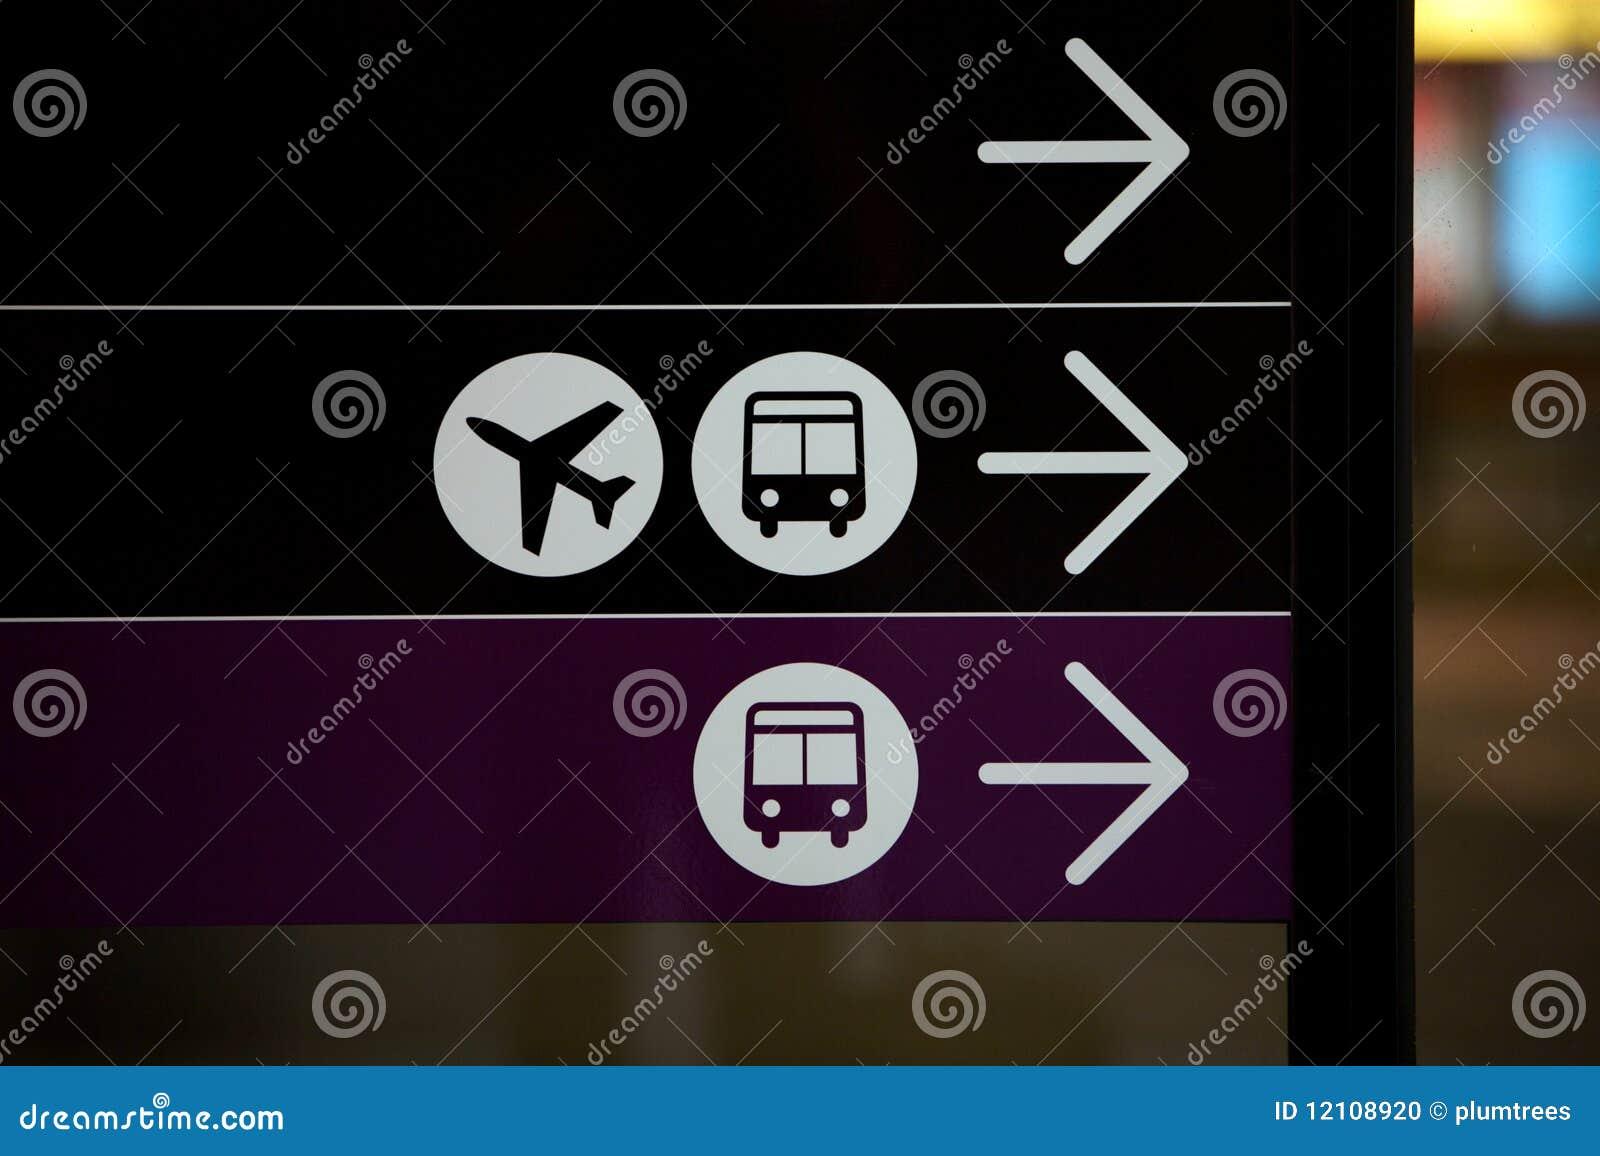 机场公共汽车飞机符号旅行